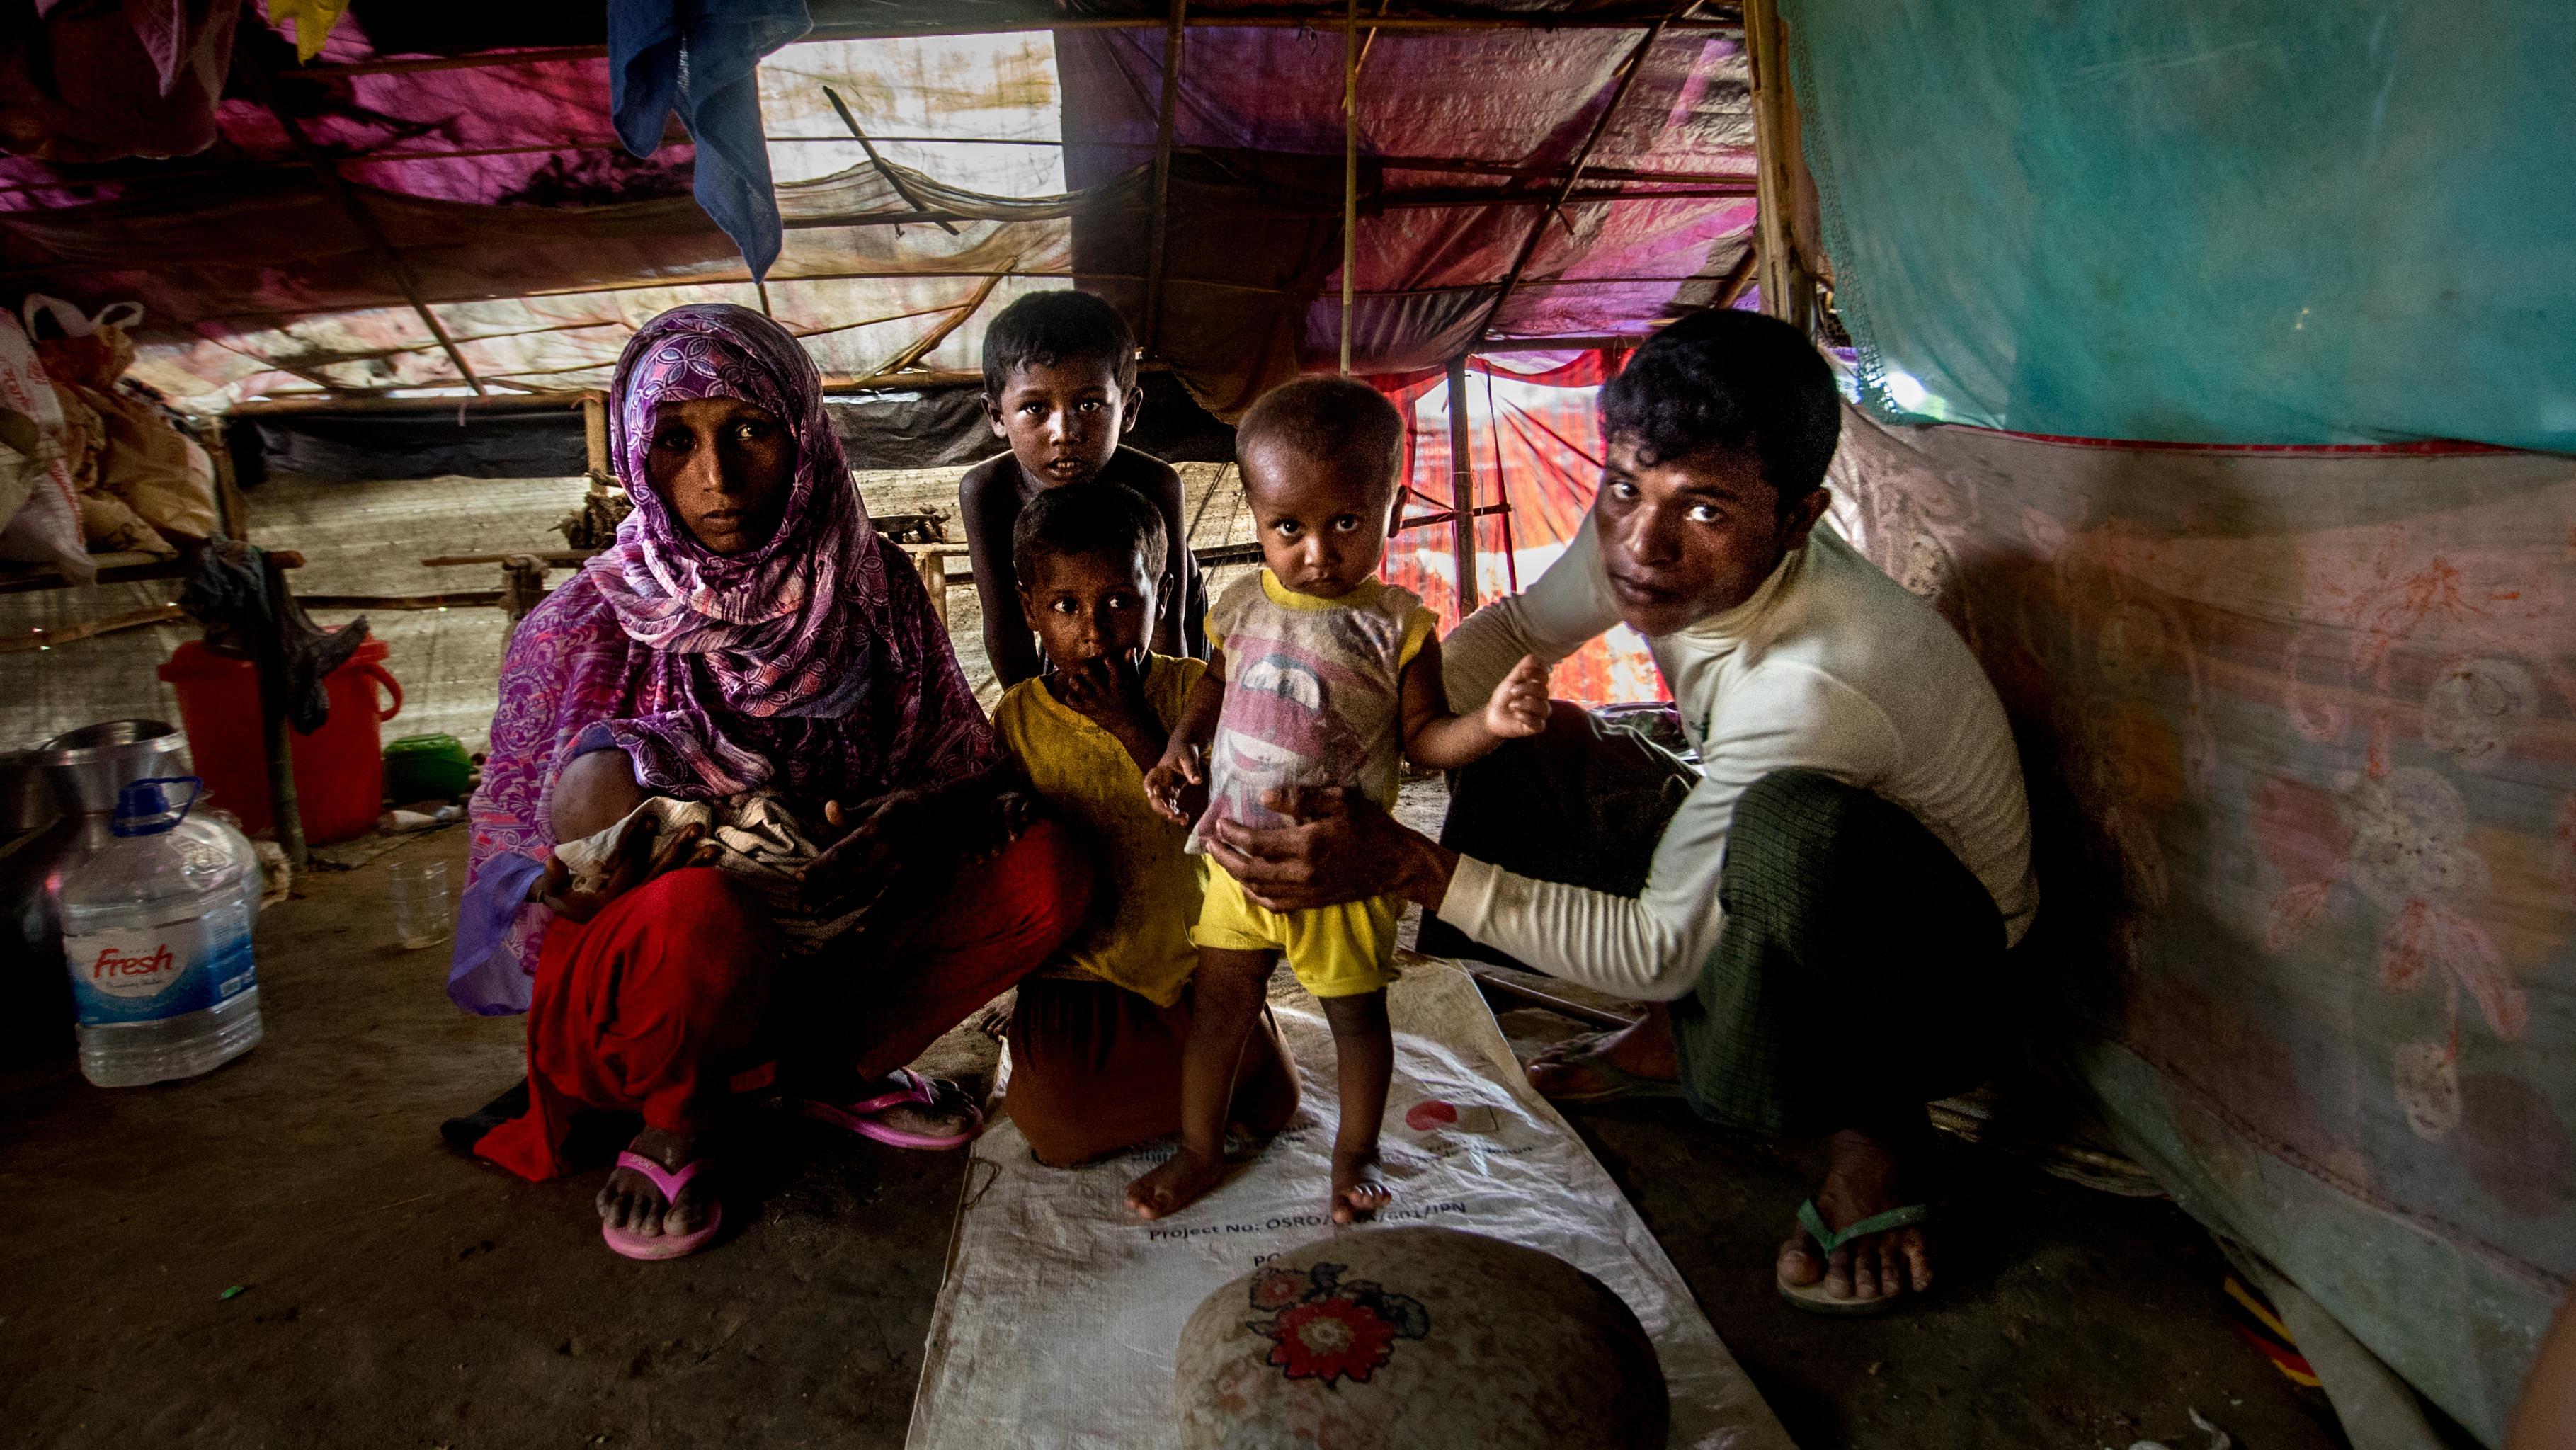 Romida mit Ehemann und Kindern im Shafiullah Ghata Camp in Bangladesch